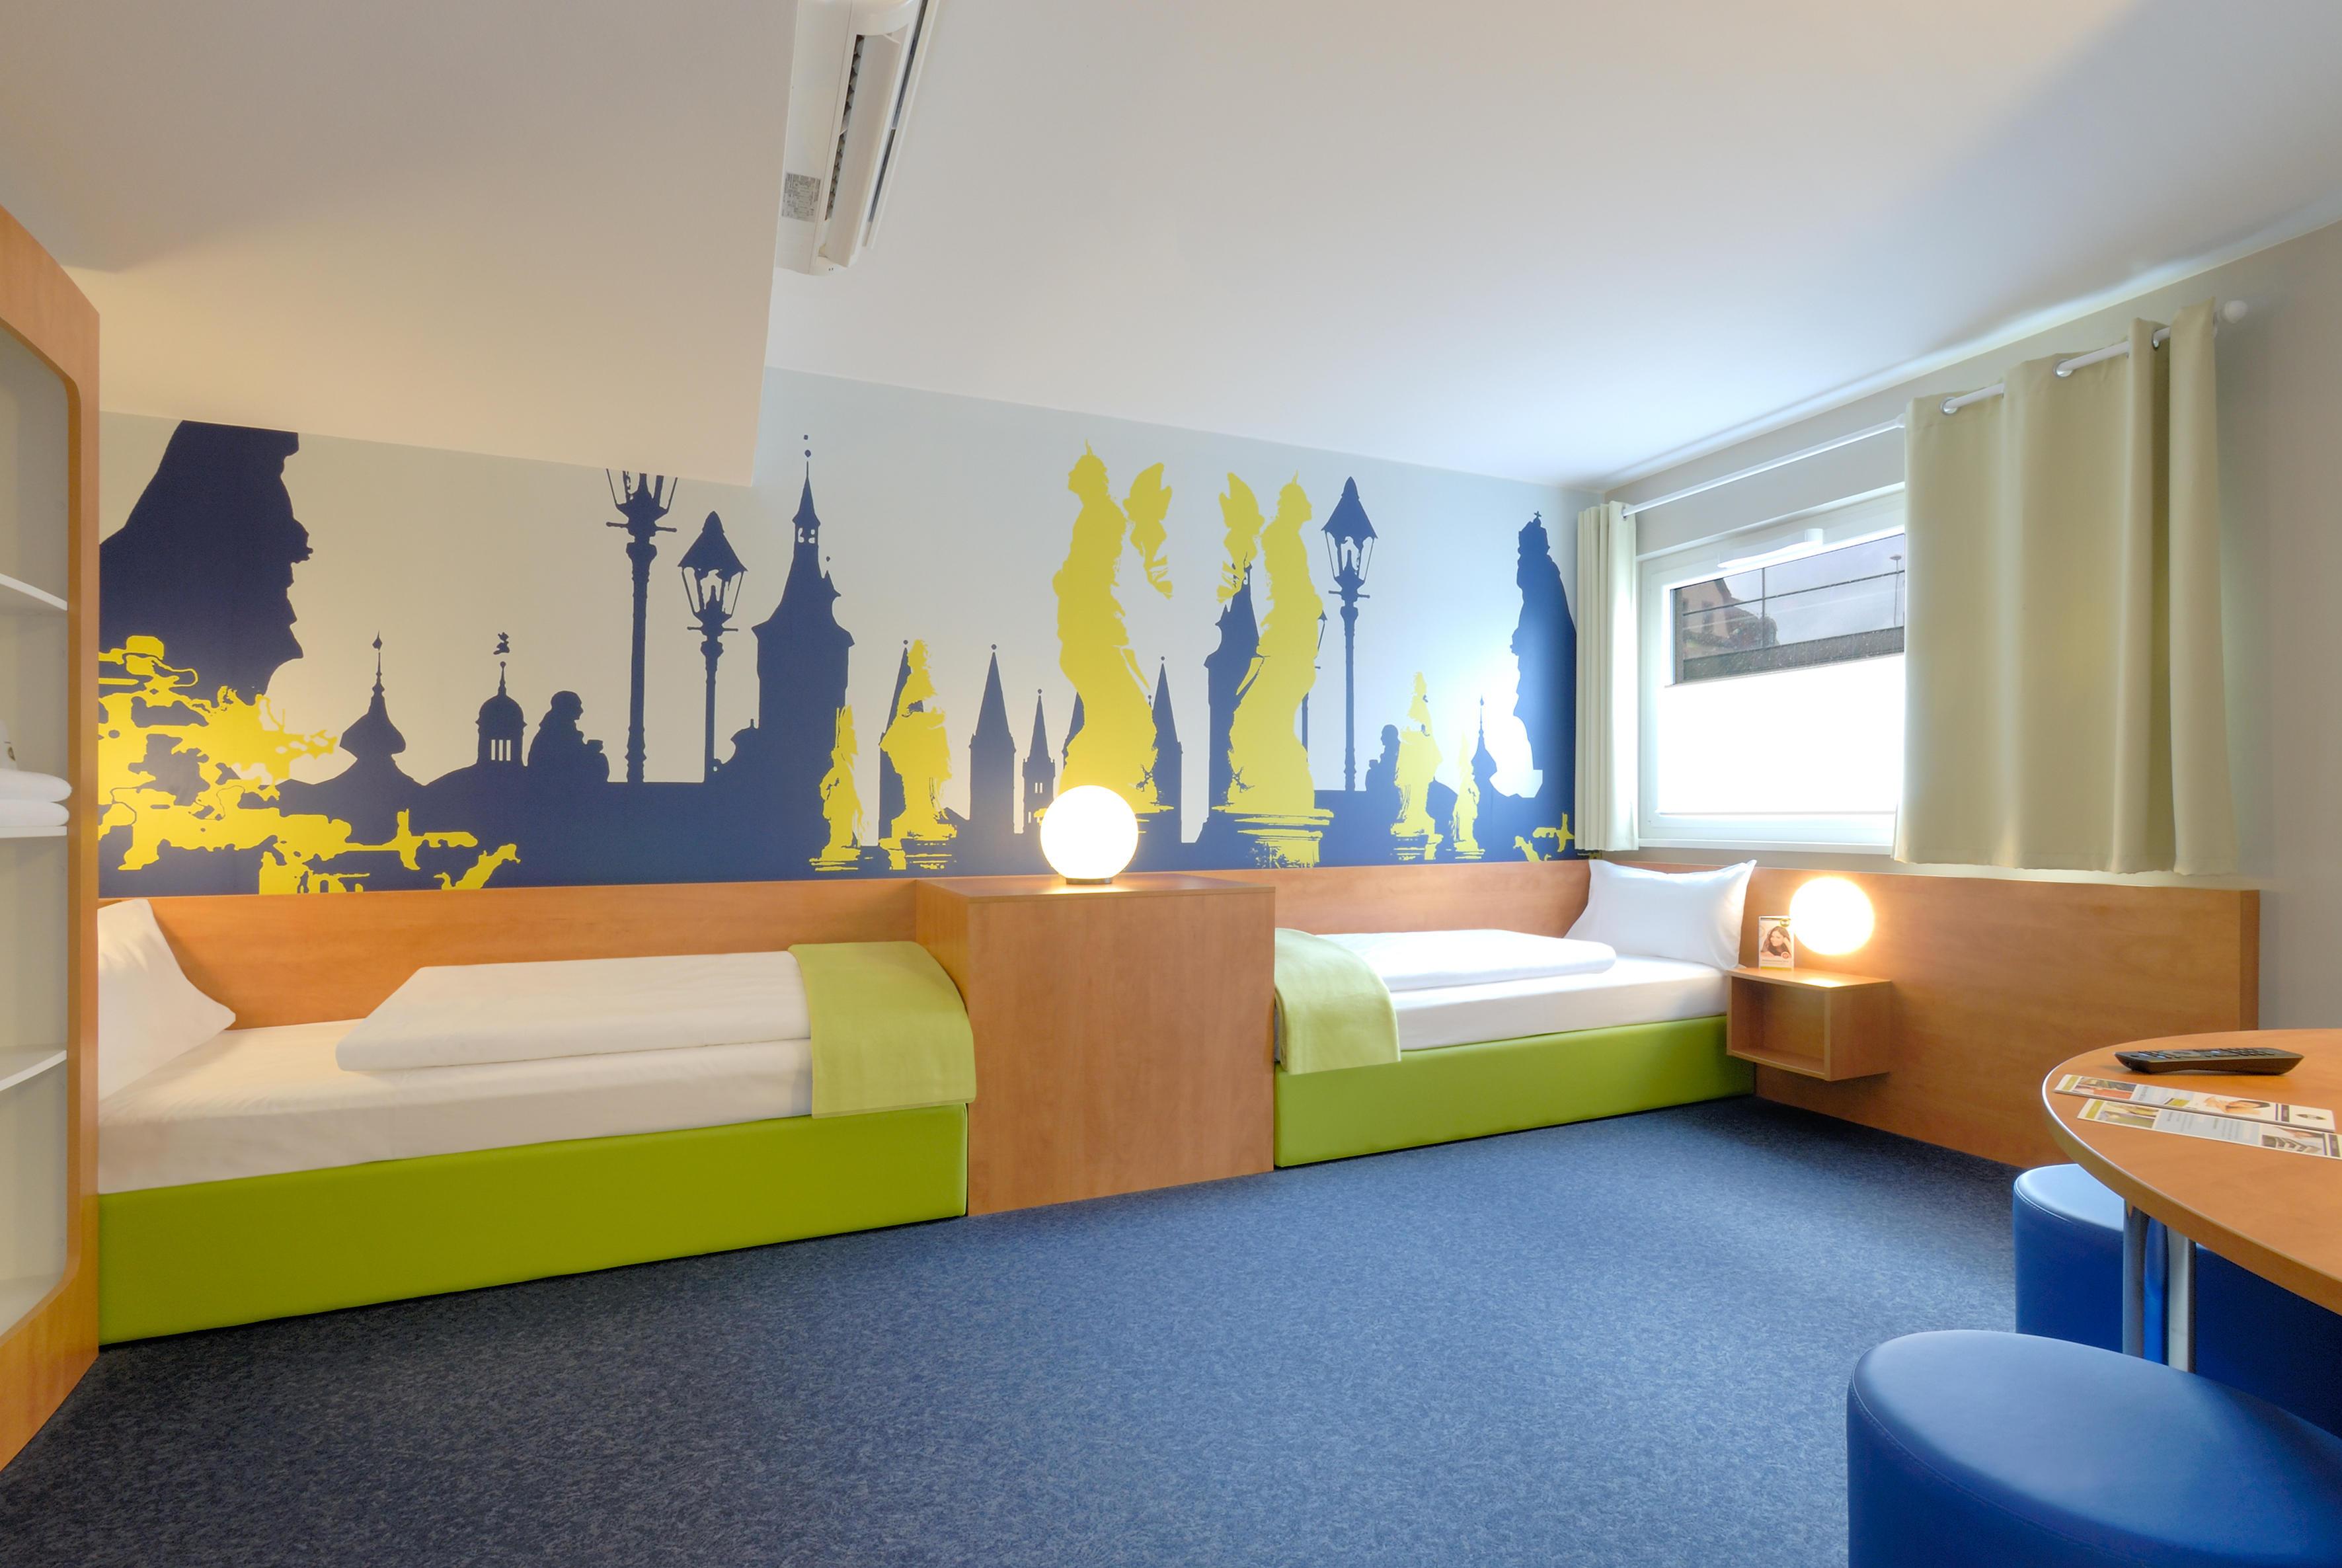 Tourismus reise transport in wurzburg ihre suche ergab for Wurzburg umgebung hotel